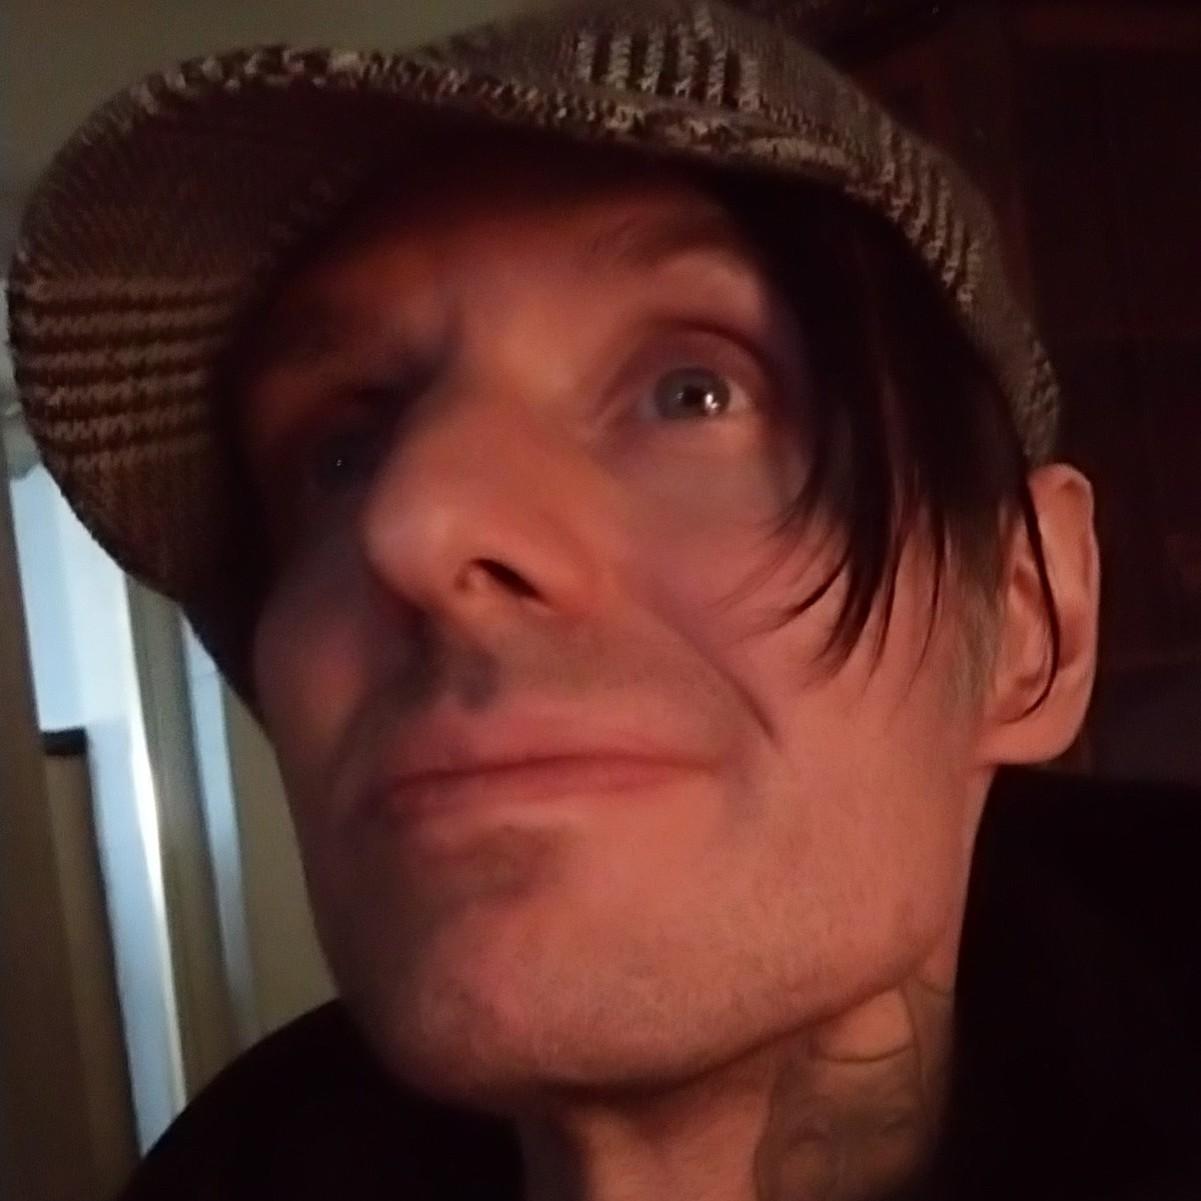 william fetty - English to Swedish translator